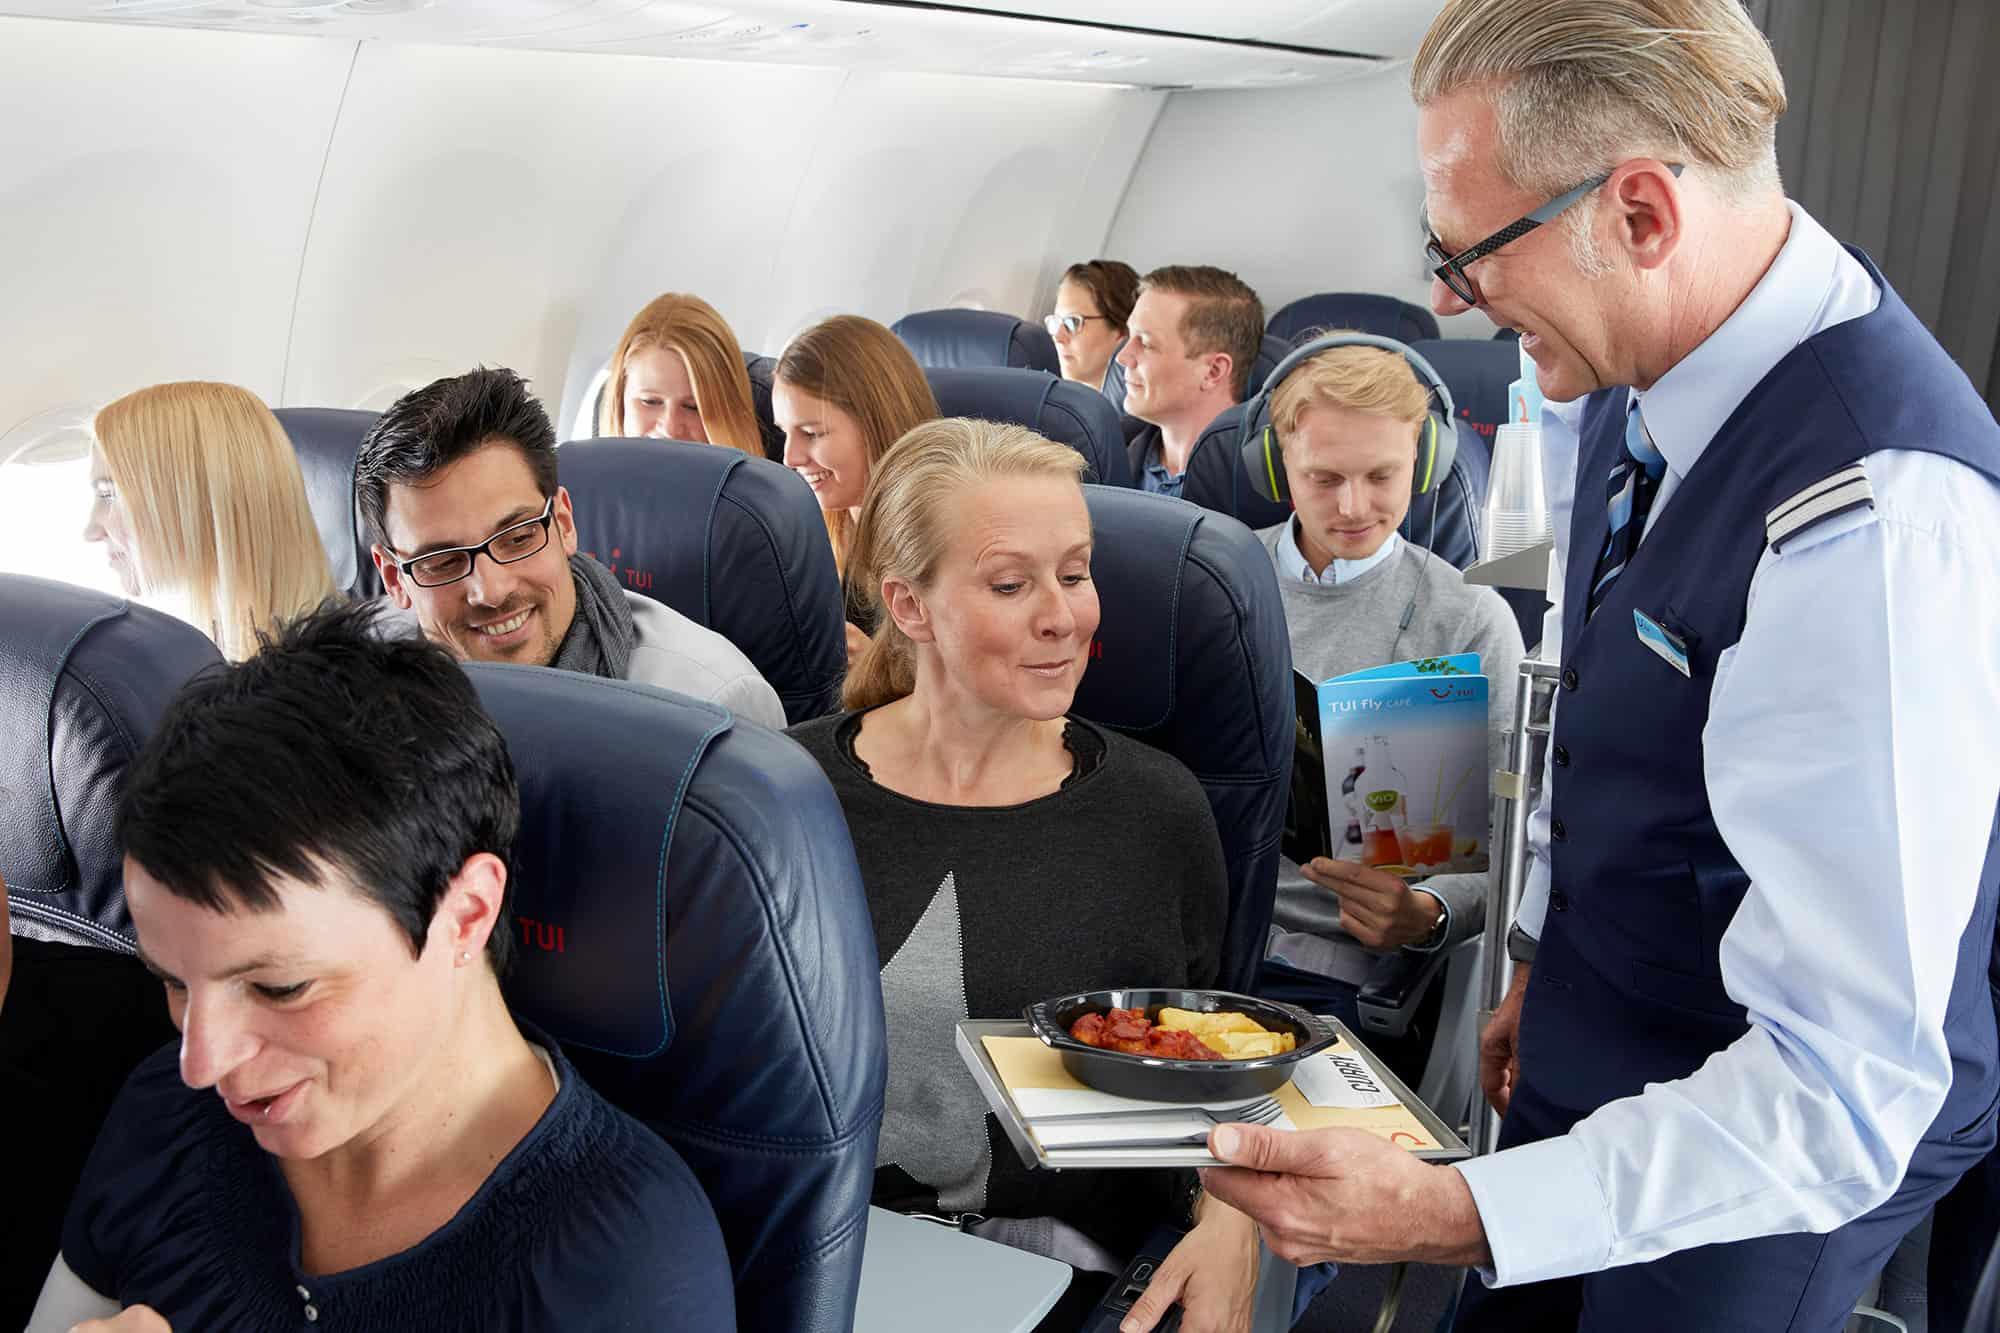 Essen im Flugzeug oder wie kommen die Pommes auf die Menükarte?